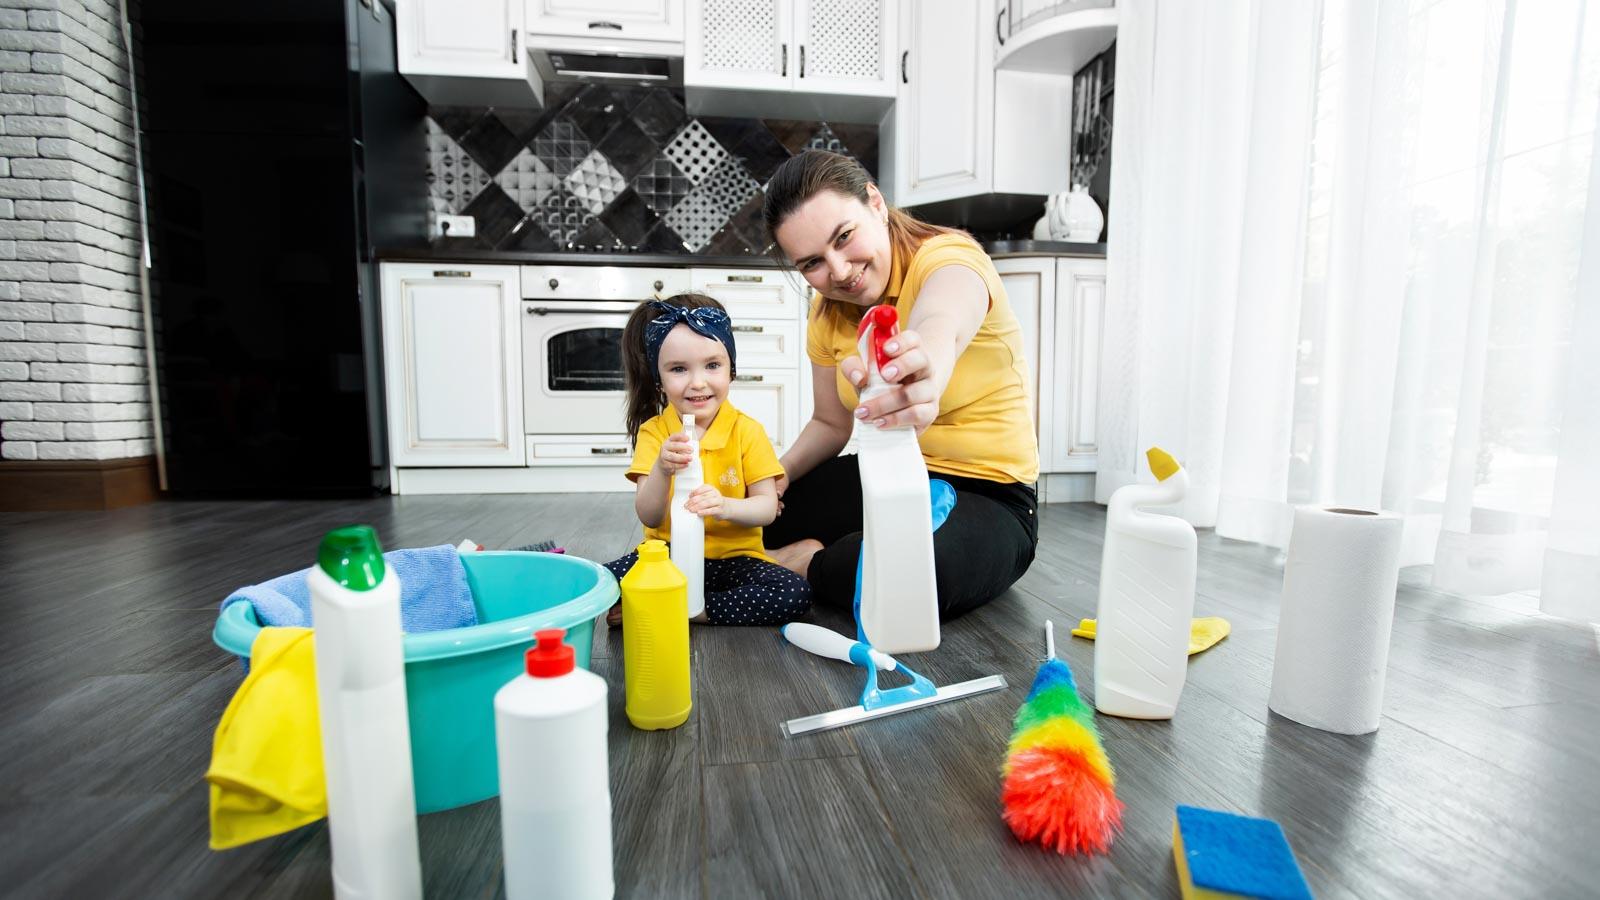 Mutter und Kind mit Putzmitteln kniend vor eine Küche